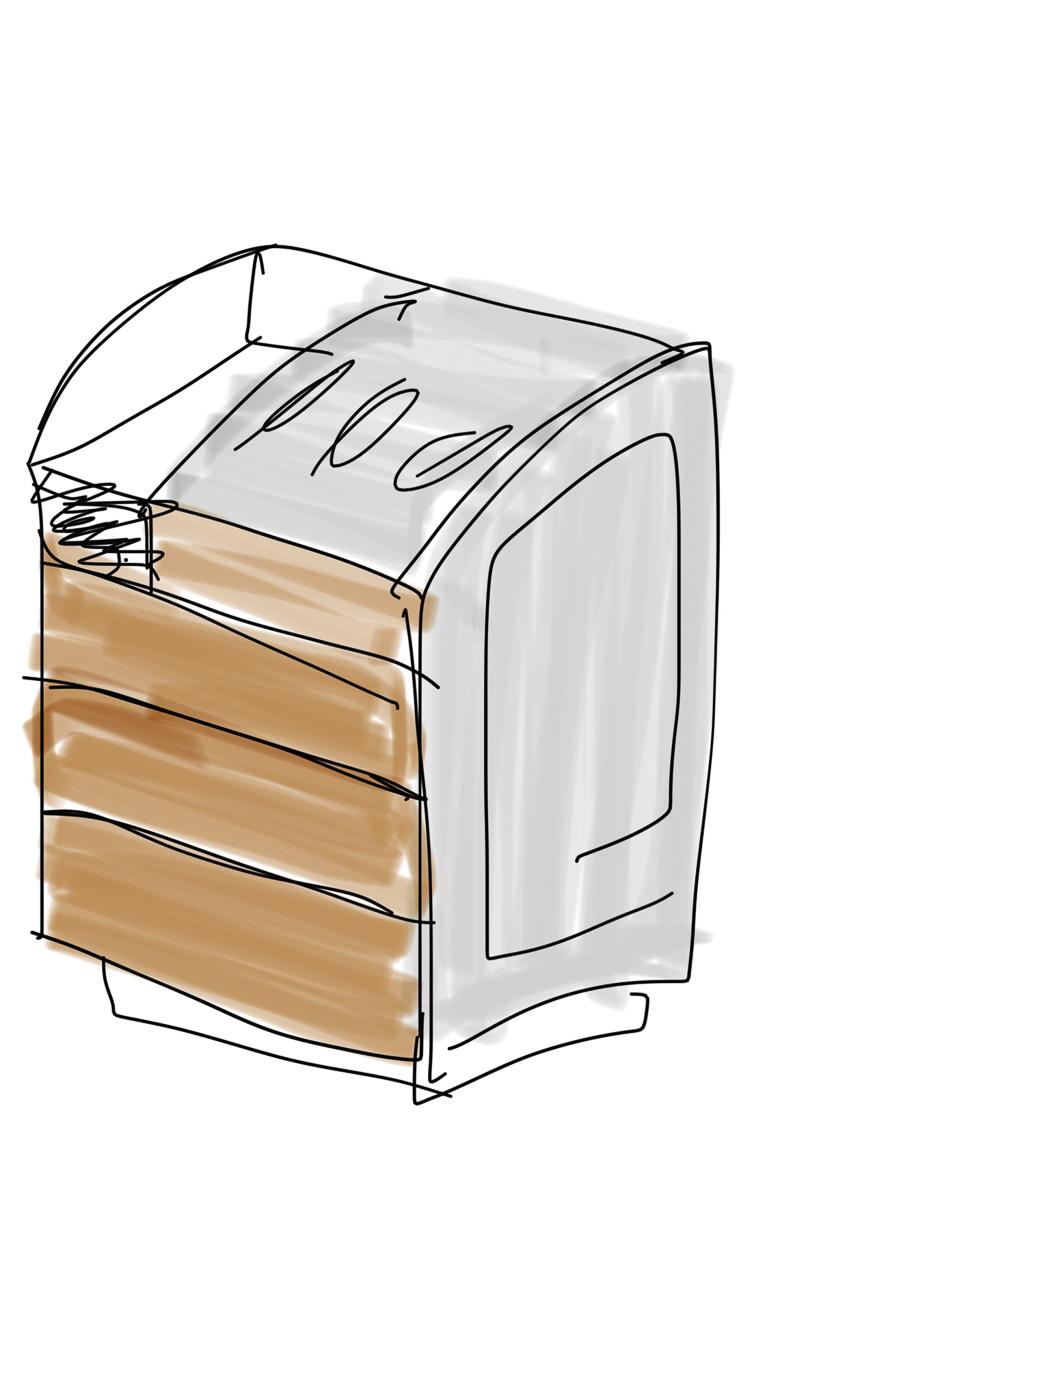 Sketch-45.jpg